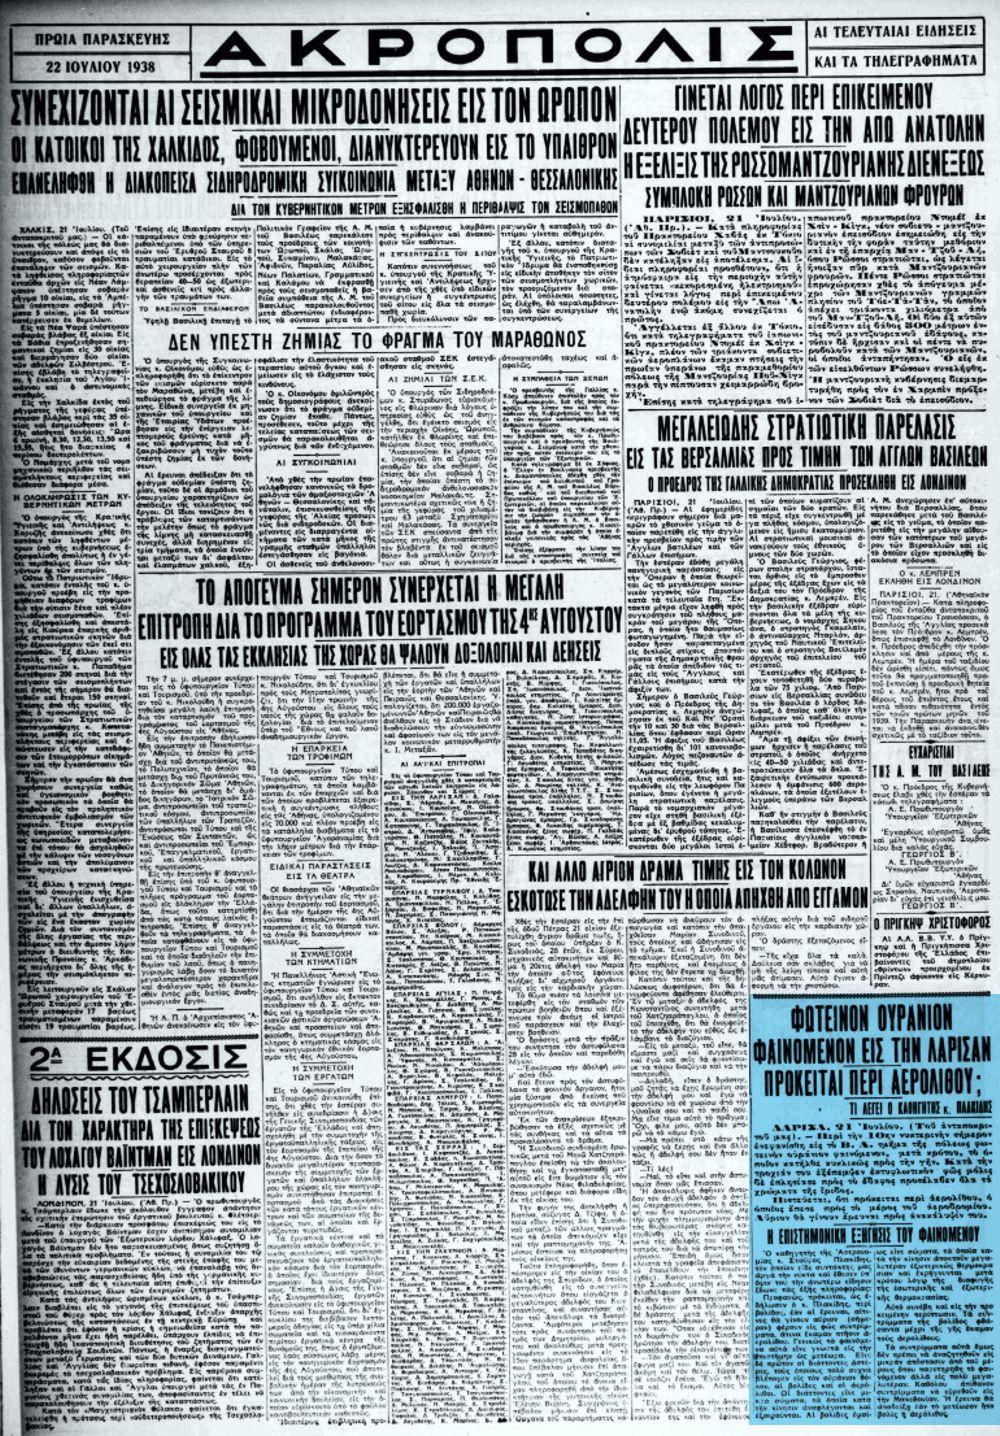 """Το άρθρο, όπως δημοσιεύθηκε στην εφημερίδα """"ΑΚΡΟΠΟΛΙΣ"""", στις 22/07/1938"""